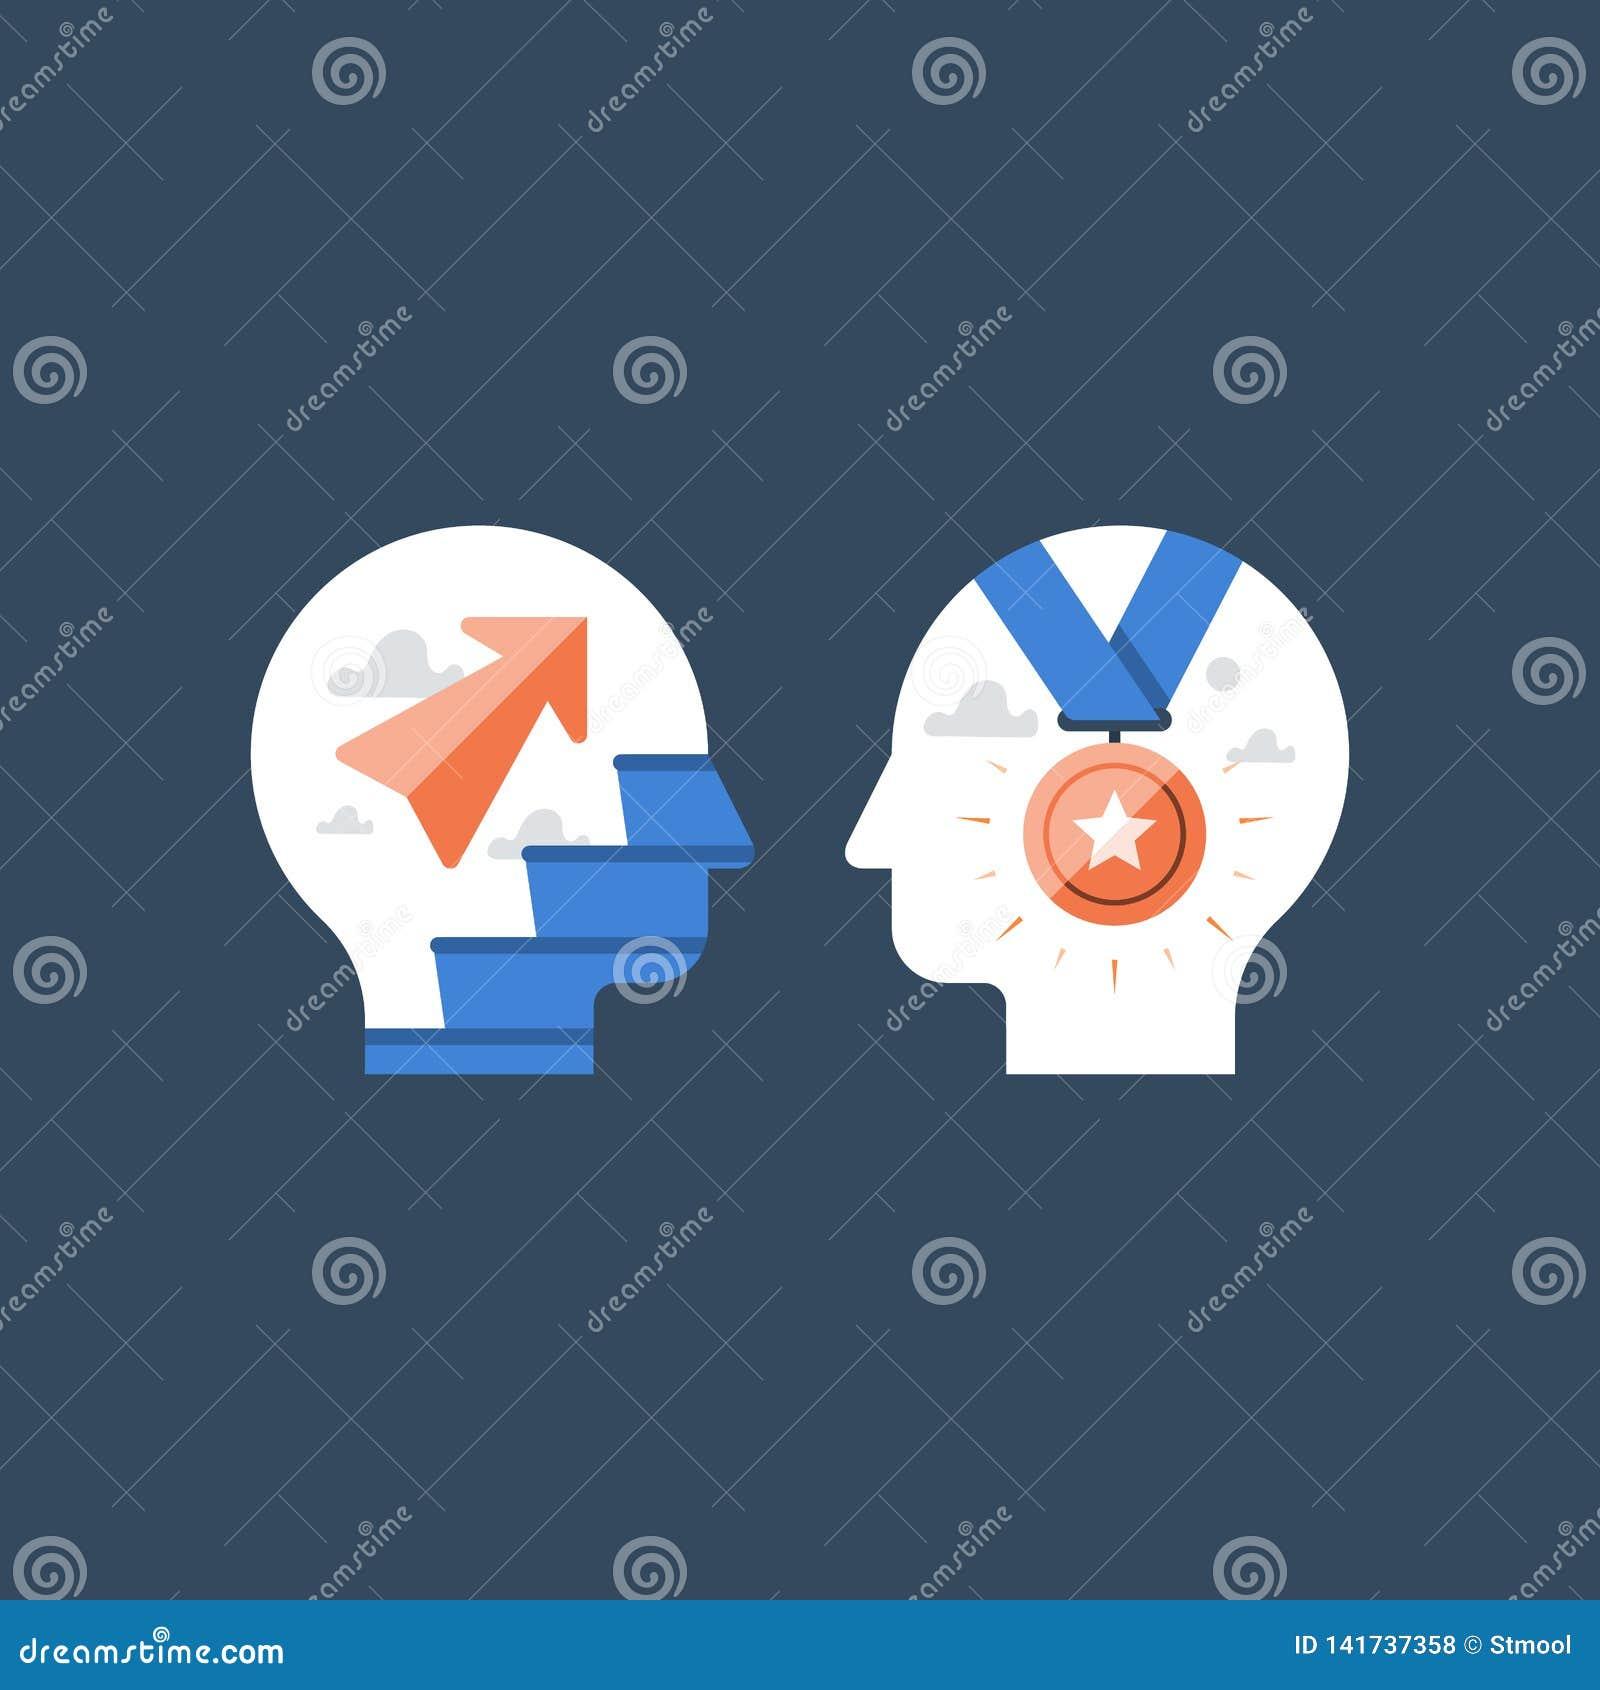 Väg till framgång, snabb förbättring, incitamentet och motivationen, potentiell utveckling, tillväxtmindset, intensiv utbildning